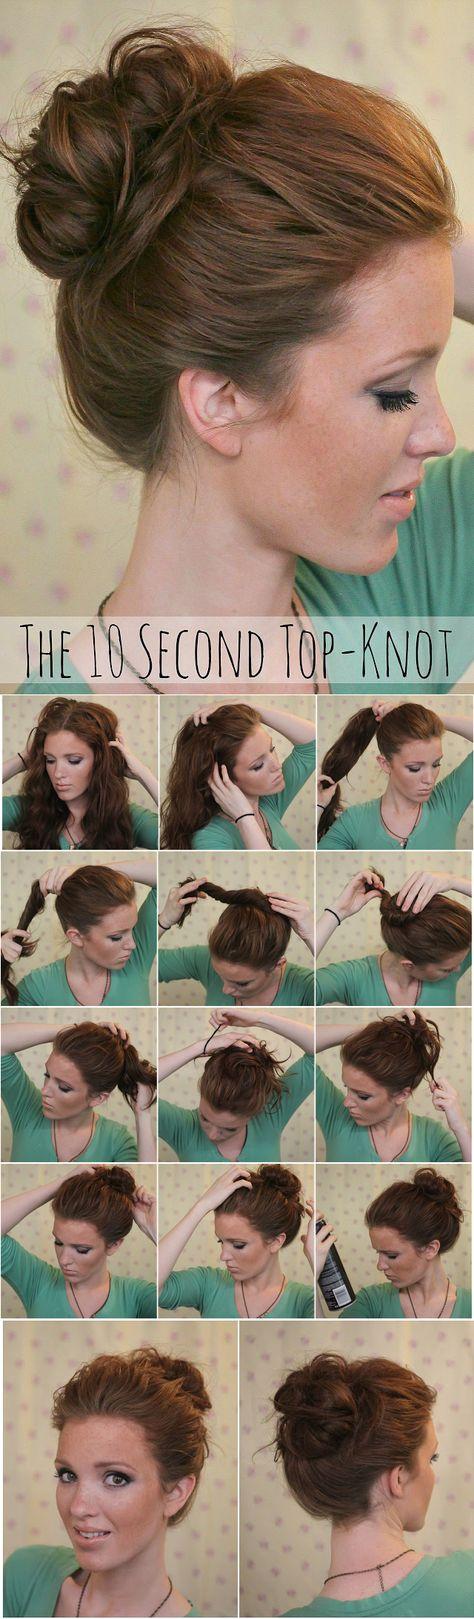 Hair Tutorial: The Bouffant Bun